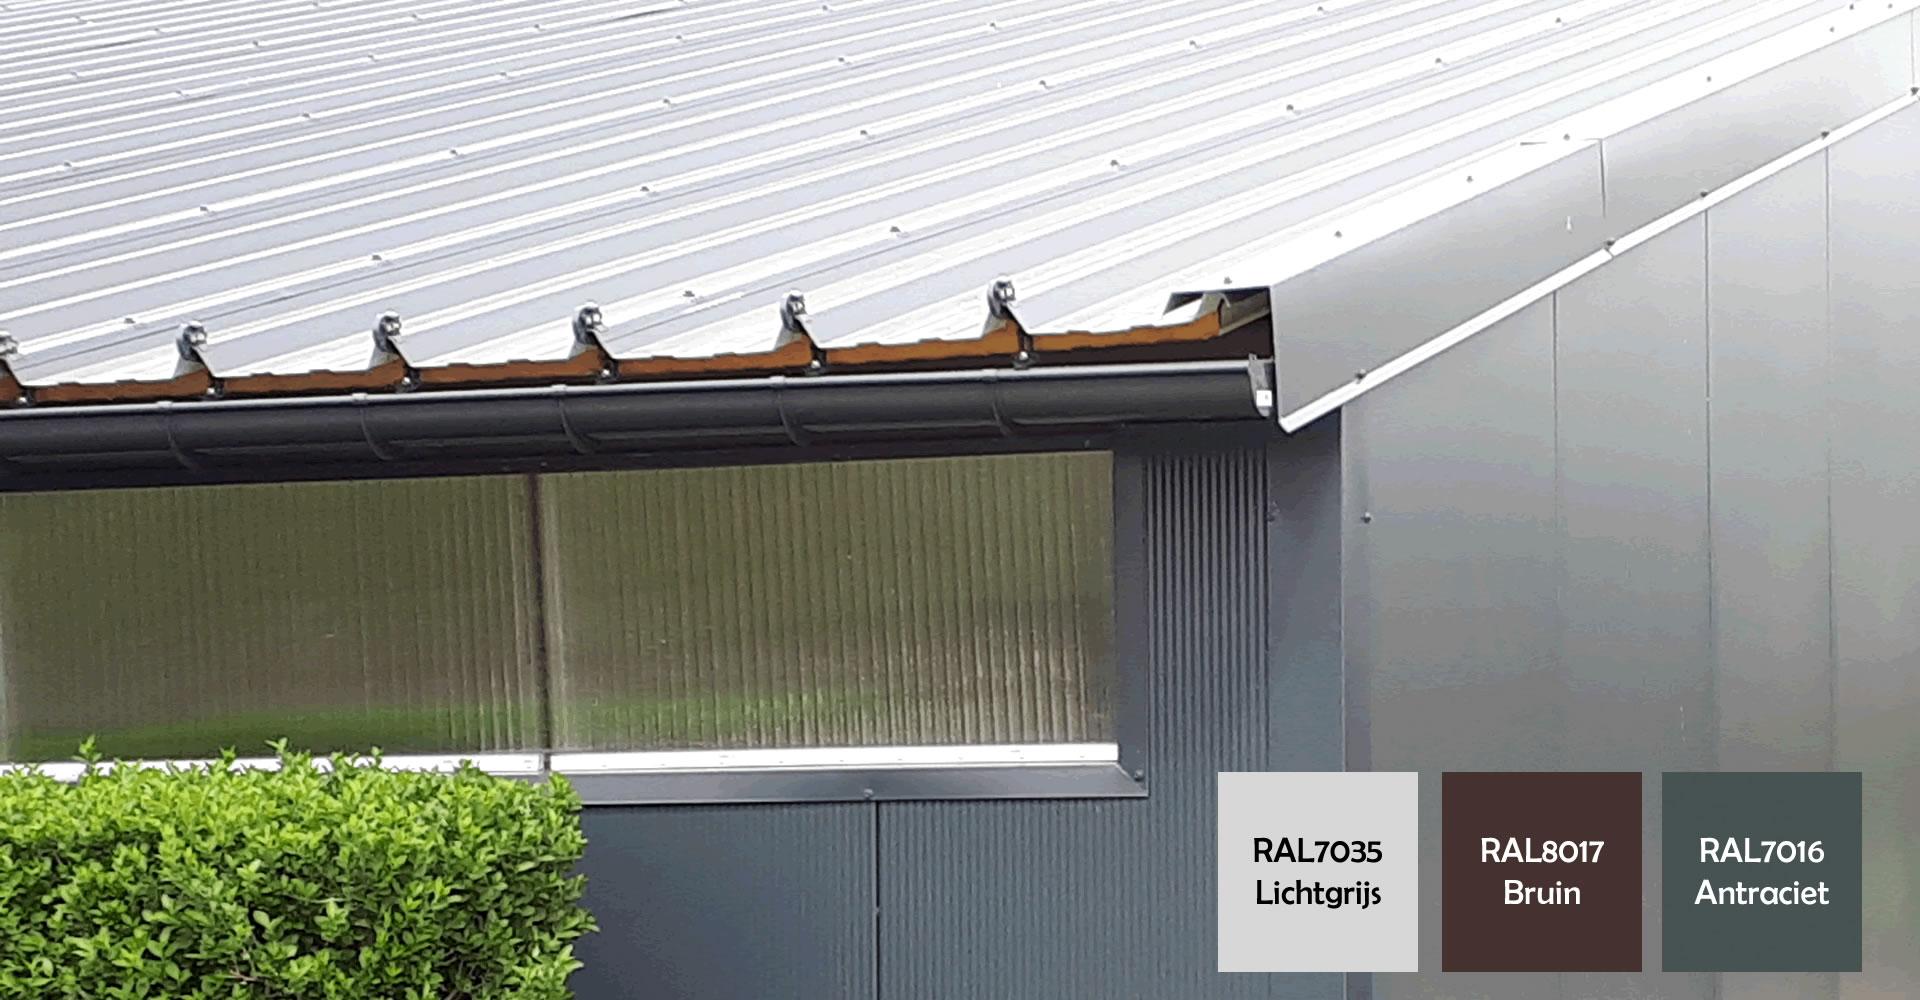 Dakgoten dakplaten met RAL-kleuren